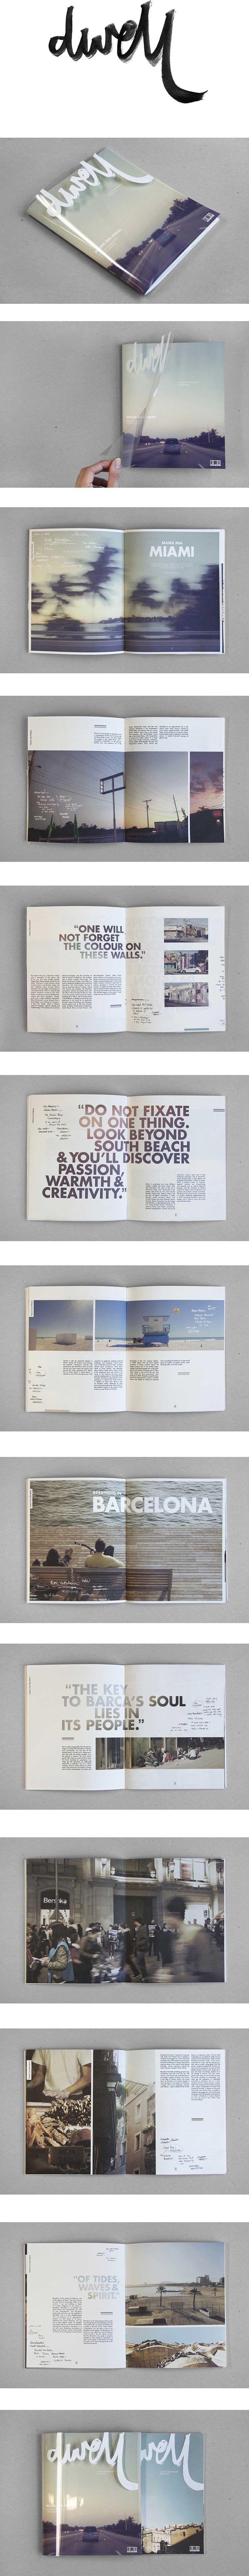 Dwell ist ein Magazin, dass sich mit Architektur und Interieur Design beschäftig. Ich finde das Layout total super. Die Transparentfolie mit dem kalligrafischen Titel, die kurzen Blocksätze, die extremen Fotoformate, die dicke Sans Serif Schrift mit den Farbverläufen und die Handschriftlichen Notizen. Klare Inhaltsebenen, viel Weißraum und sehr ästhetisch wie ich finde.